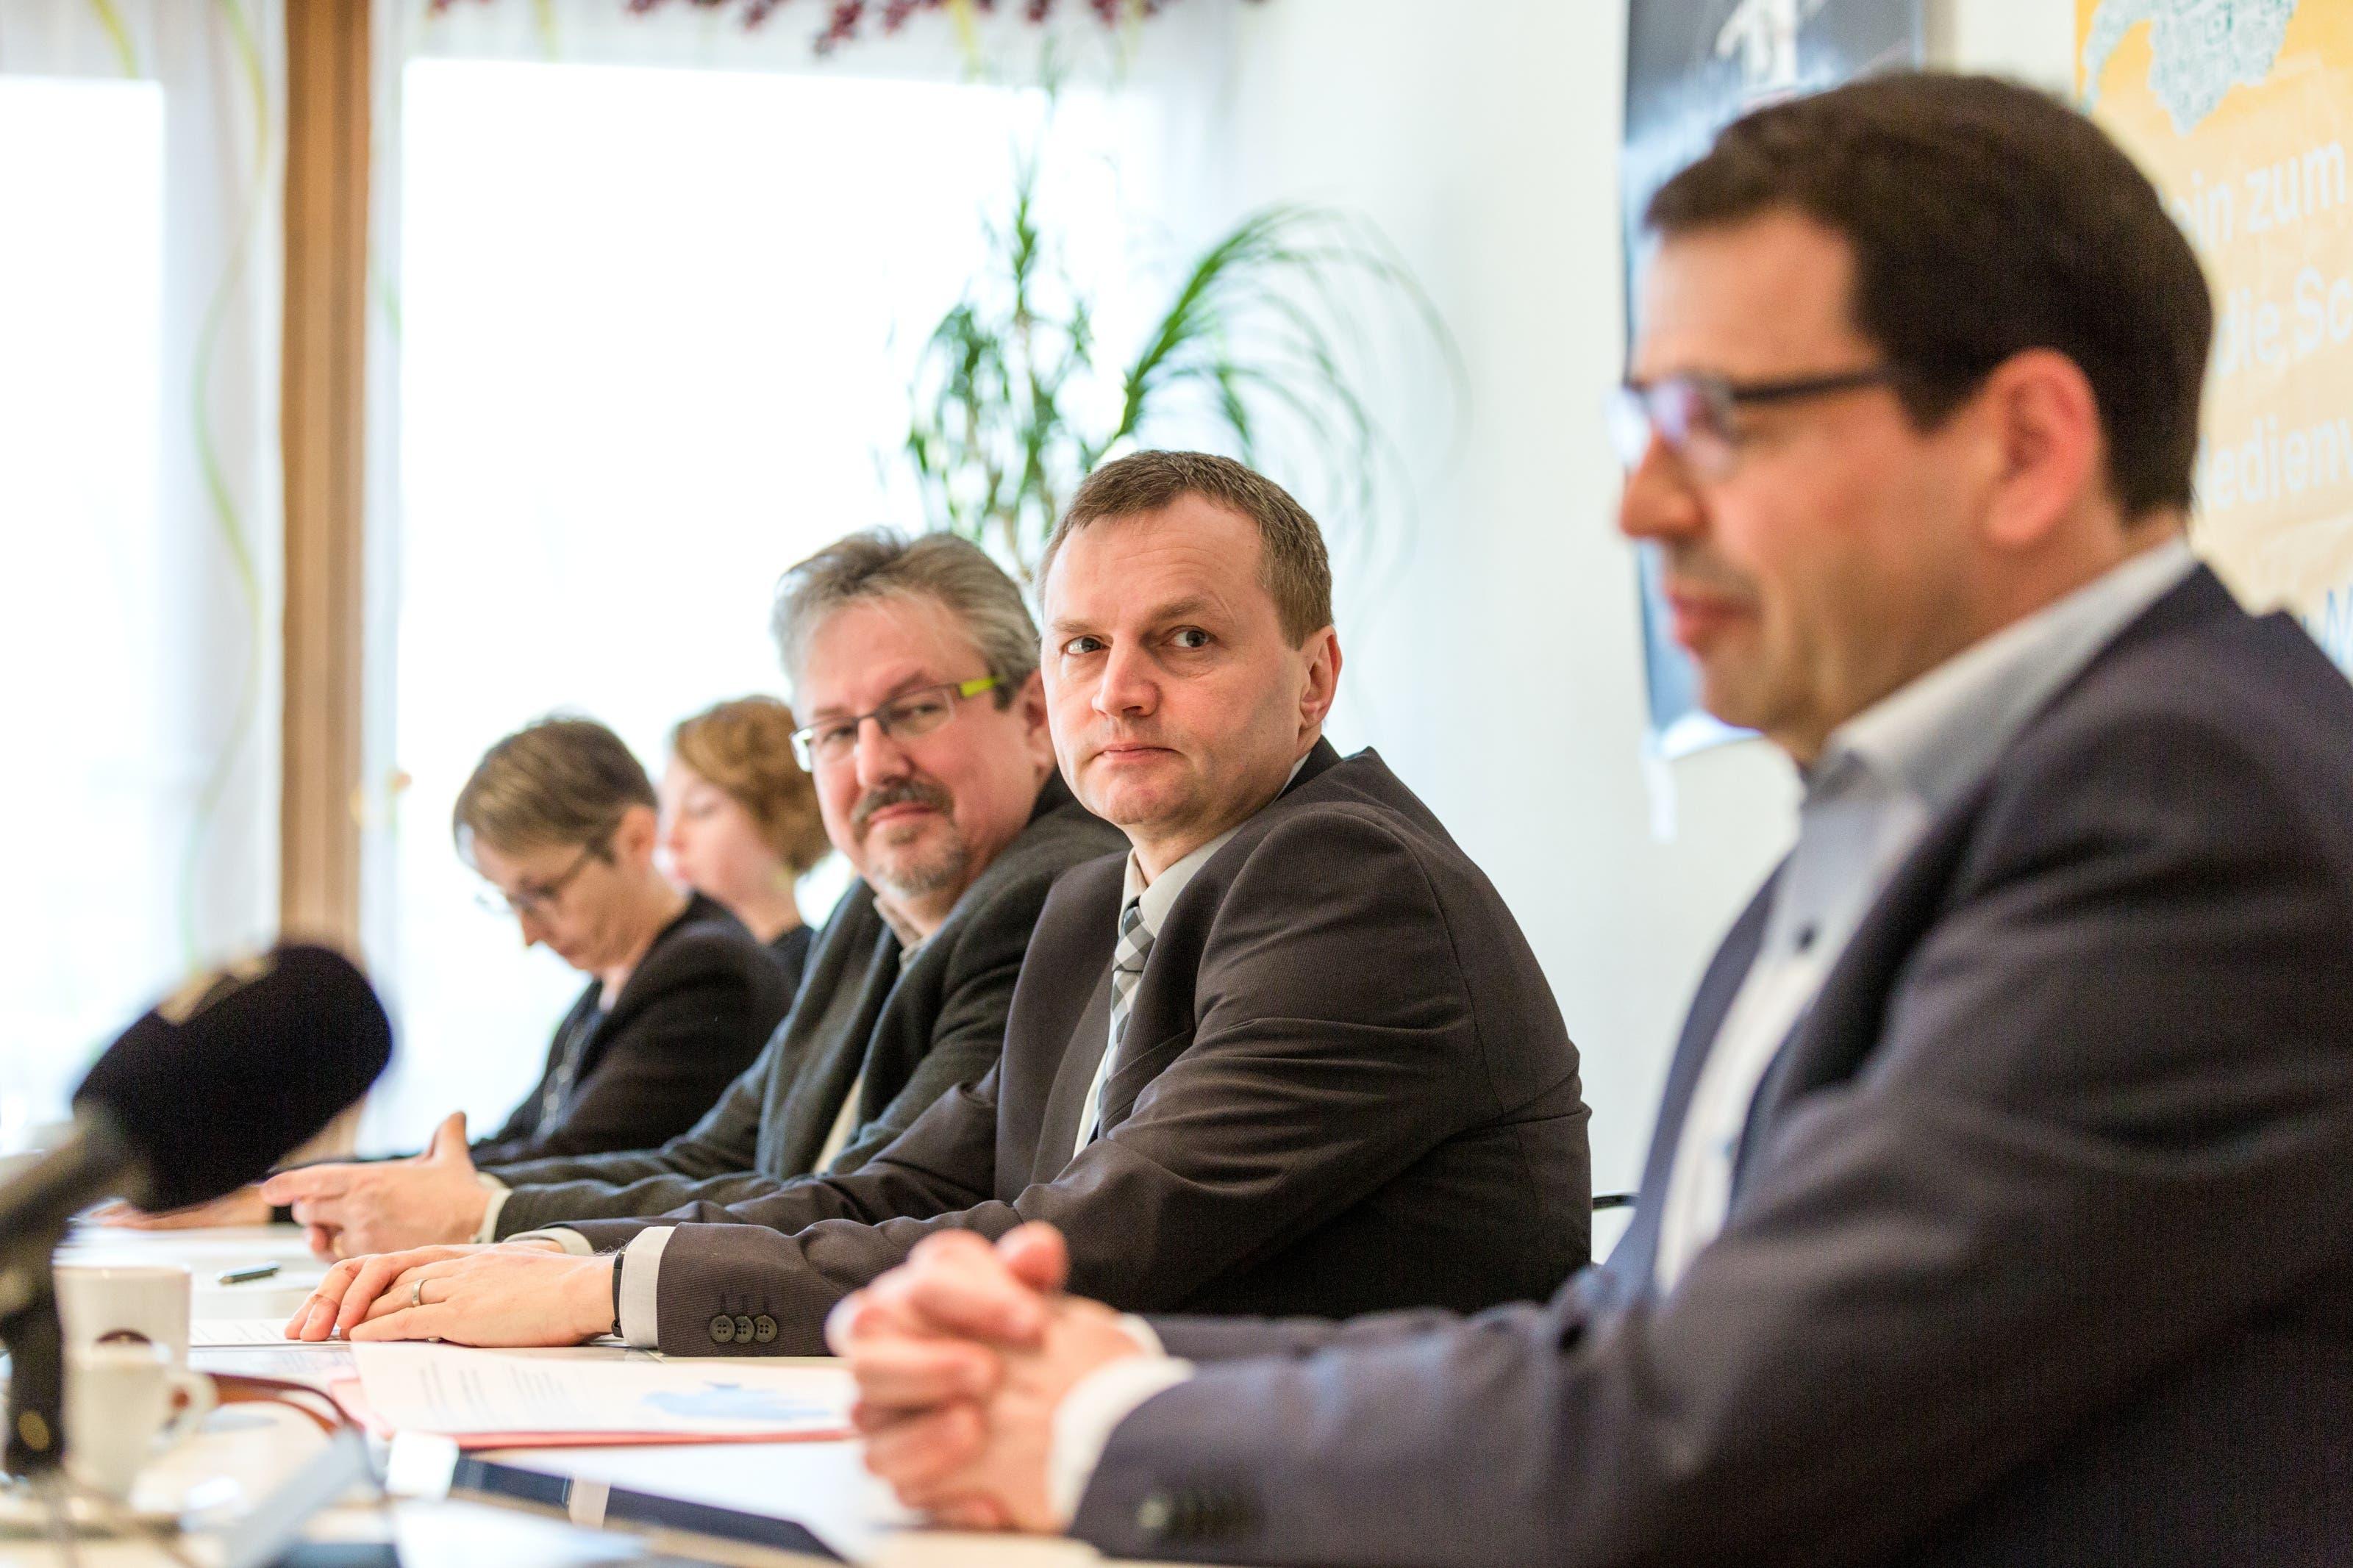 """No Billag Abstimmung Medienkonferenz des überparteilichen Komittees """"Nein zu No Billag"""". v.l.n.r.: Irène Kälin (Grüne), Elisabeth Burgener (SP), Liliane Studer (EVP, nicht zu sehen), Beat Flach (glp), Bernhard Guhl (BDP), Ruth Humbel (CVP) und Matthias Jauslin (FDP)"""